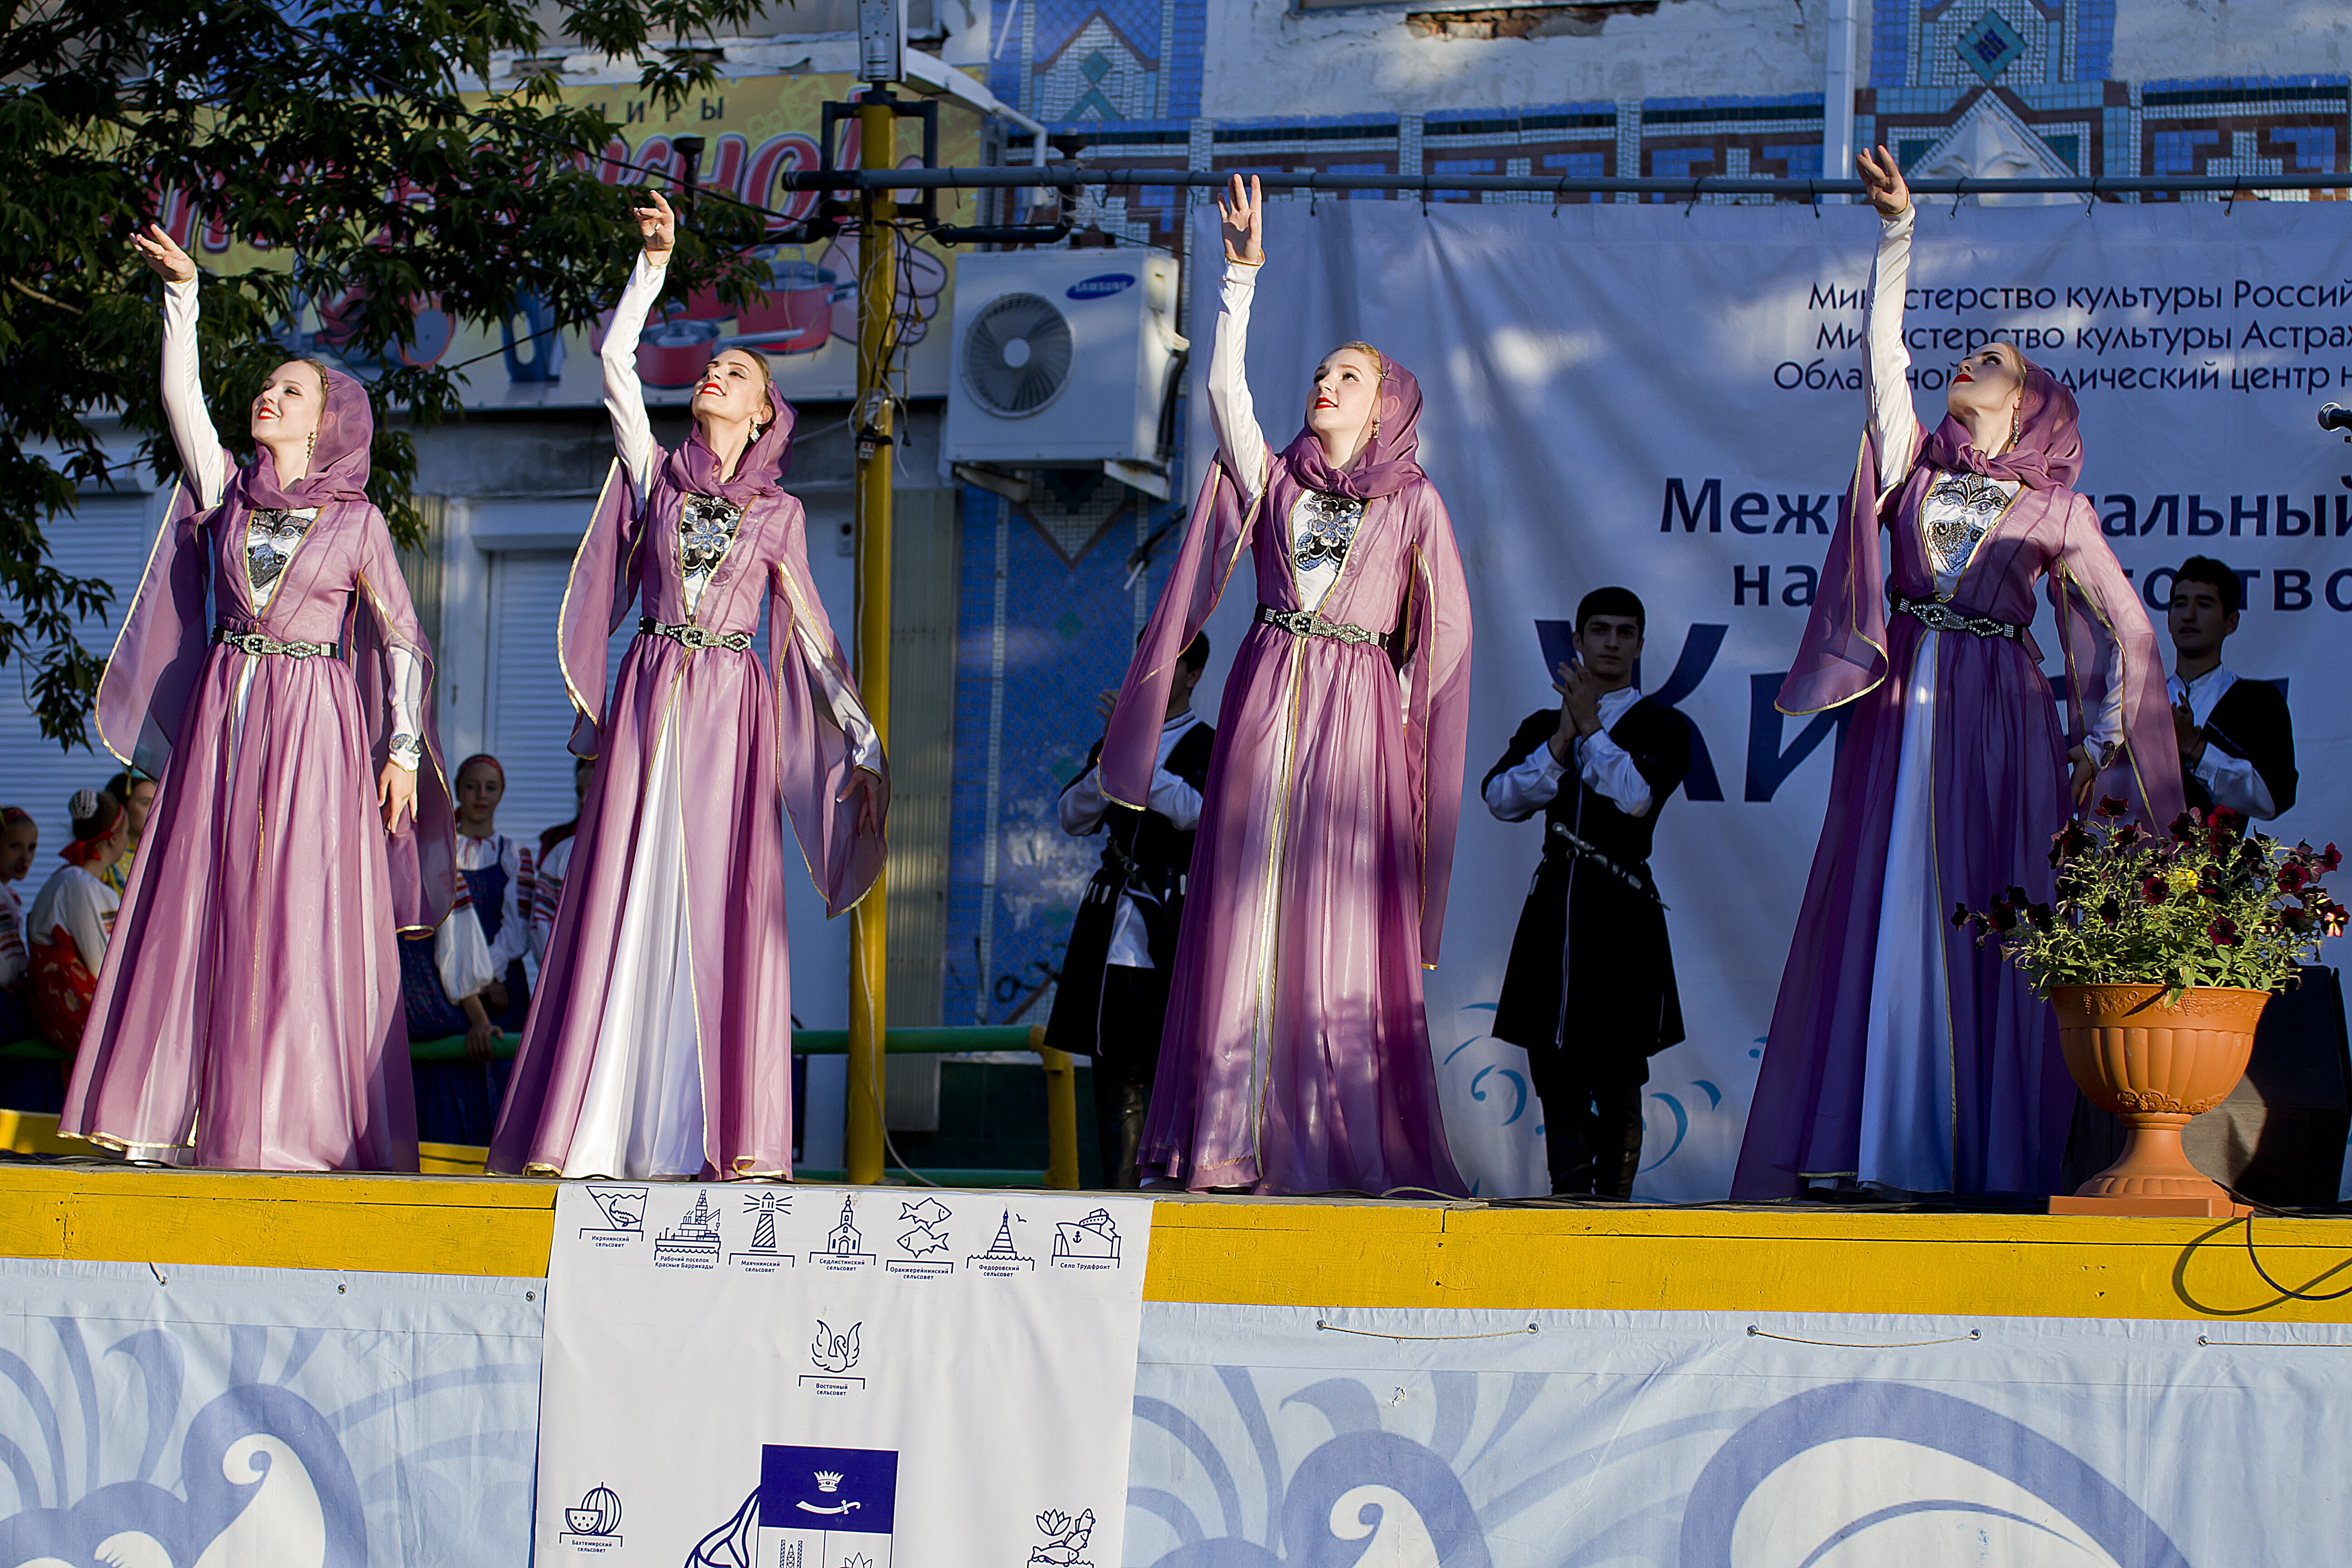 Фестиваль «Живая вода» стартовал в Икрянинском районе